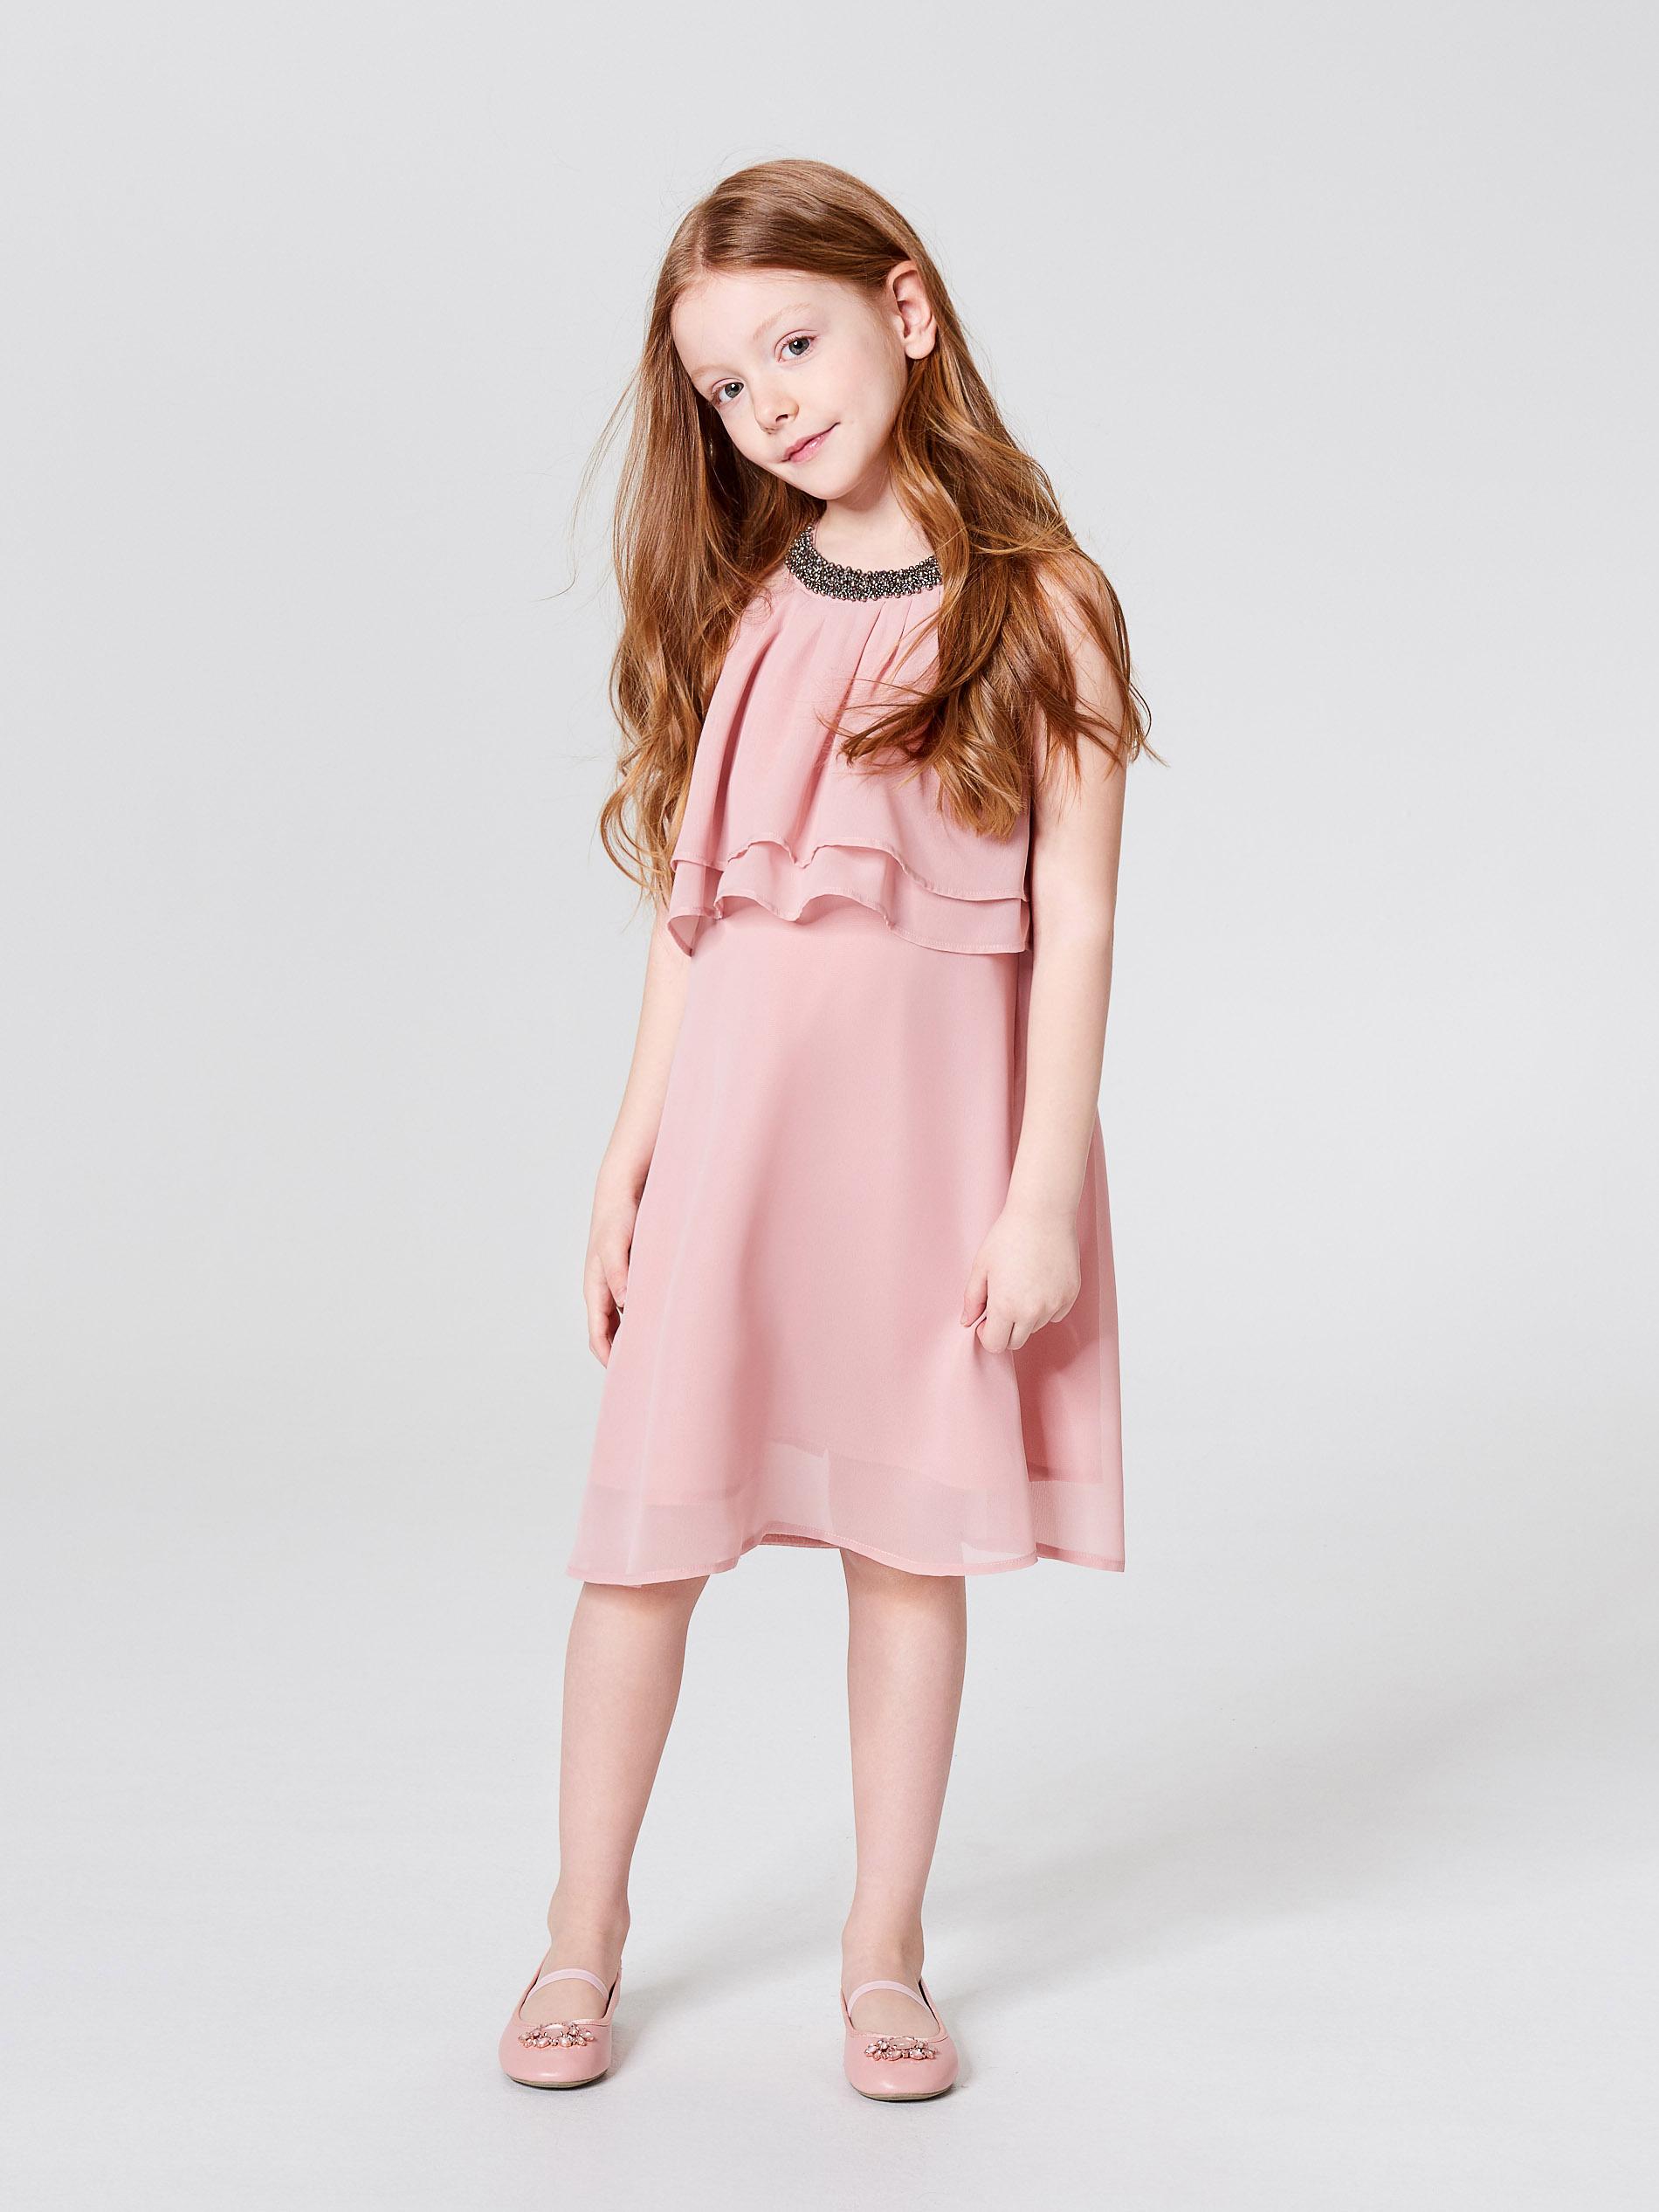 db906c12ab Kolekcja Little Princess w wiosennej odsłonie